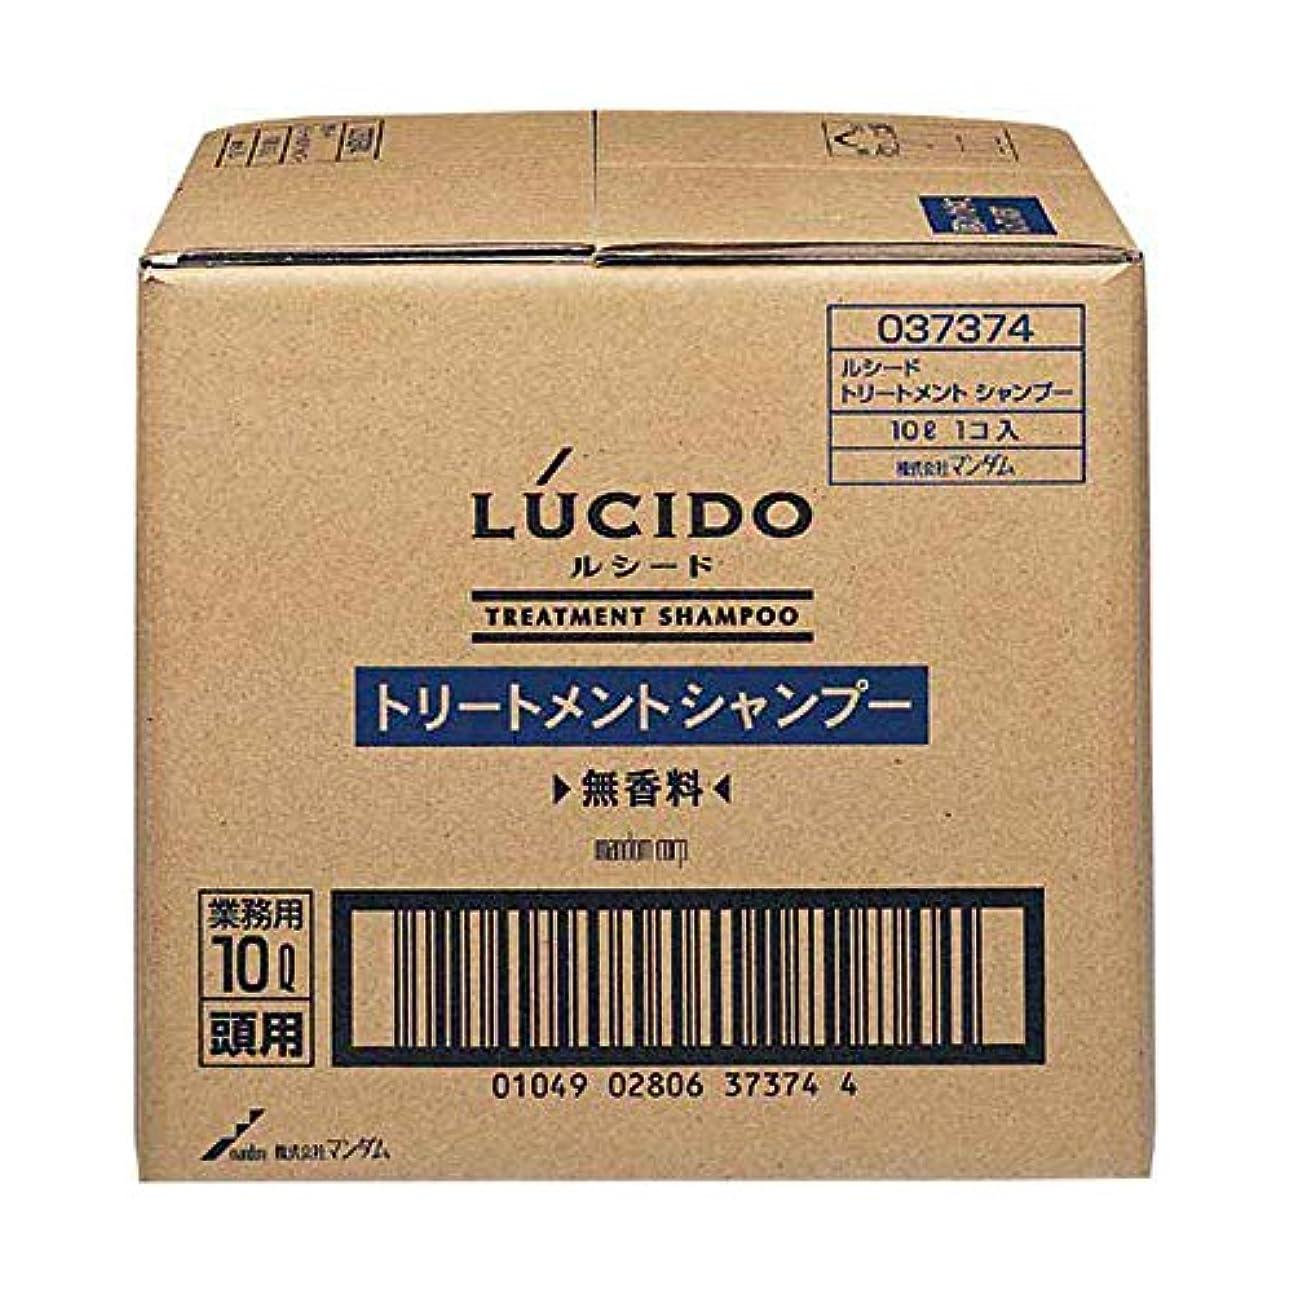 工業用梨大きさLUCIDO (ルシード) トリートメントシャンプー 業務用 10L